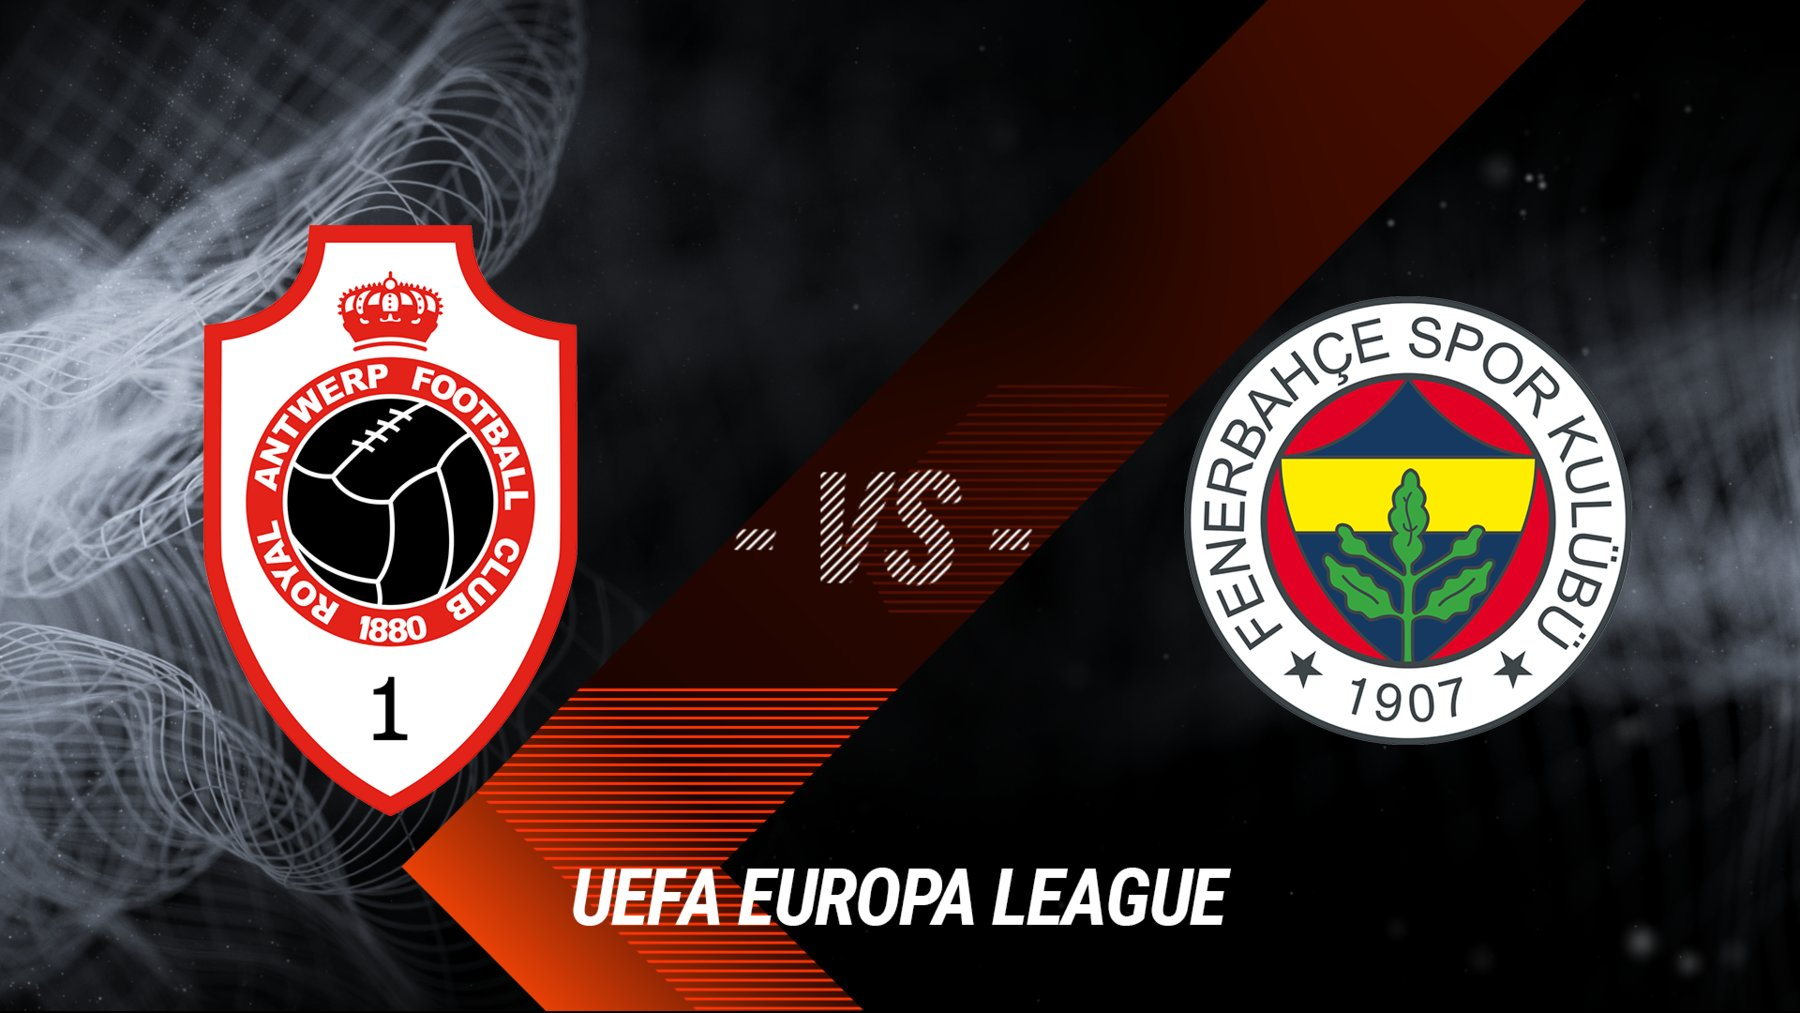 Royal Antwerpen vs. Fenerbahce Istanbul